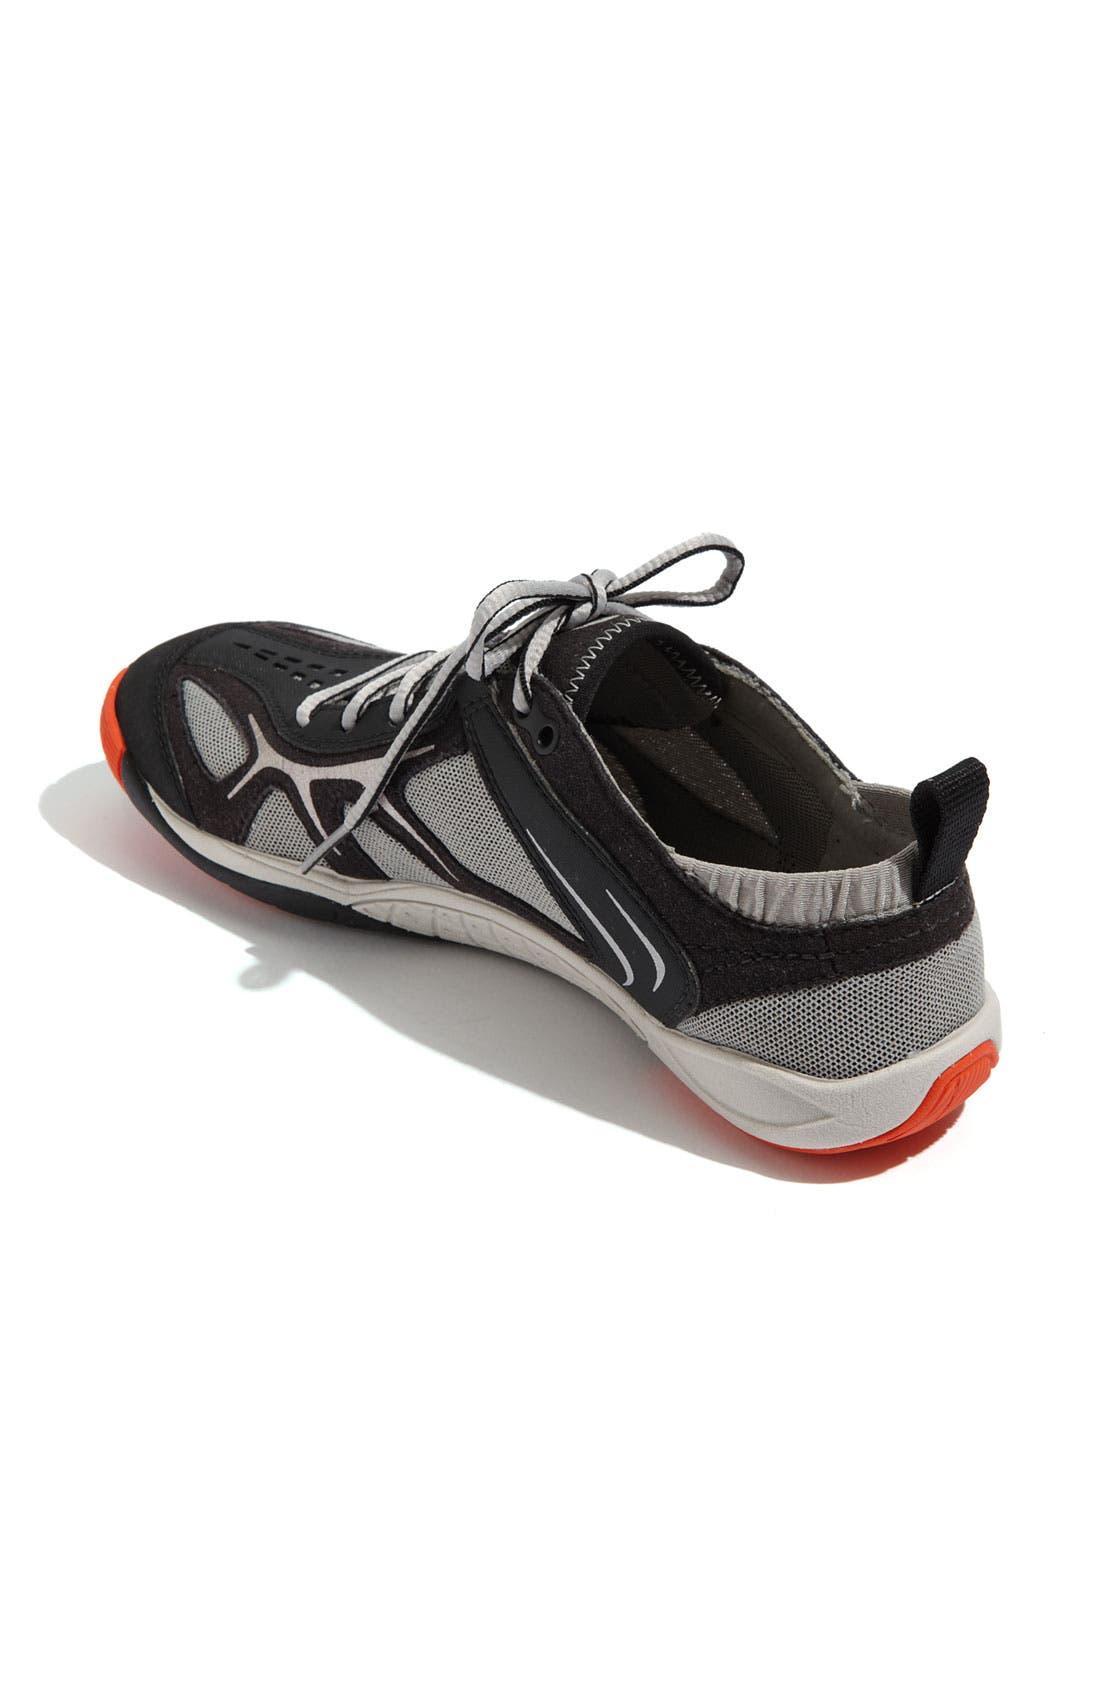 Alternate Image 2  - Merrell 'Dash Glove' Running Shoe (Women)